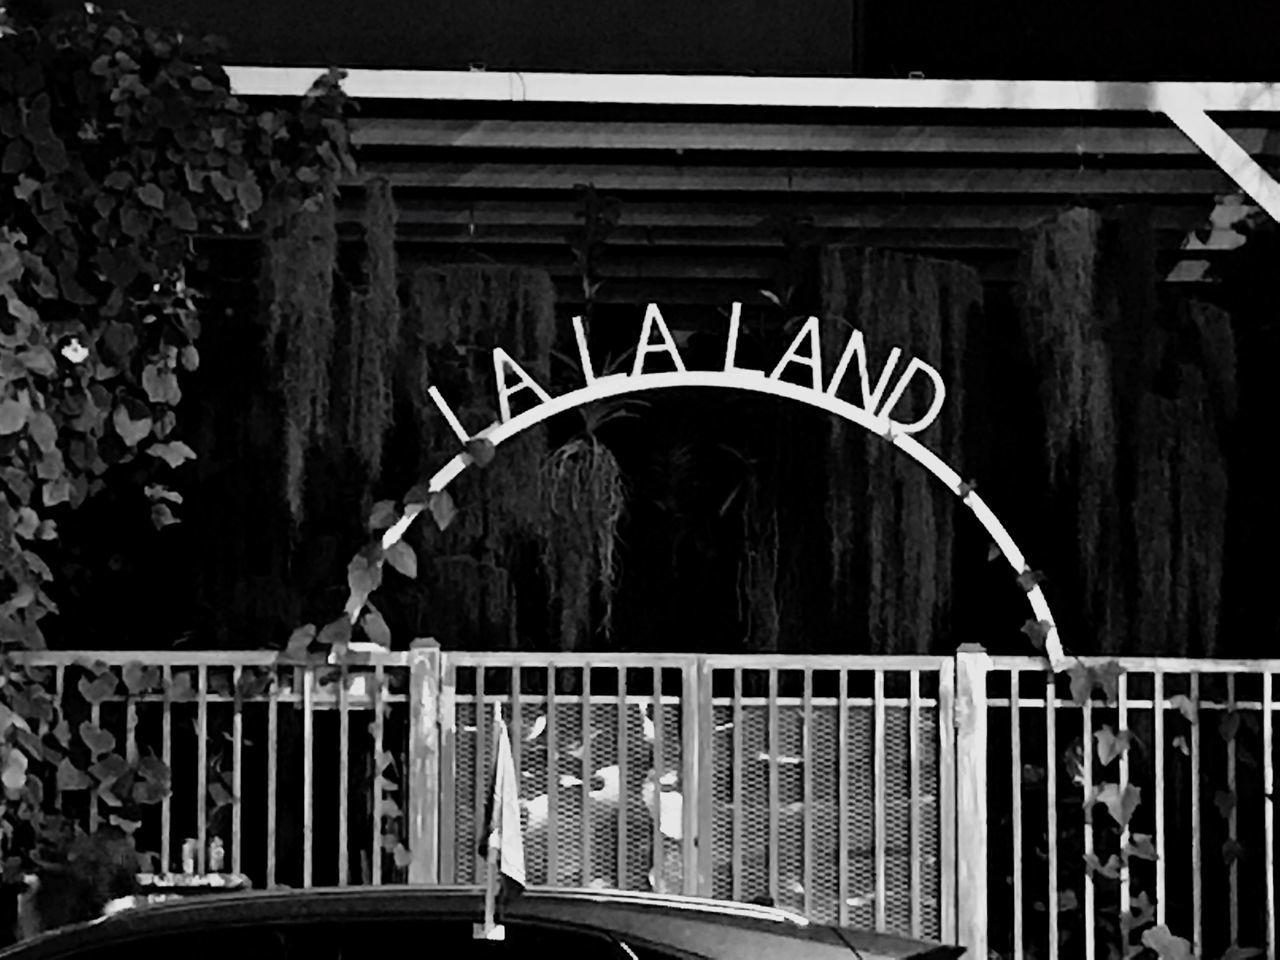 Lalaland Wynwood